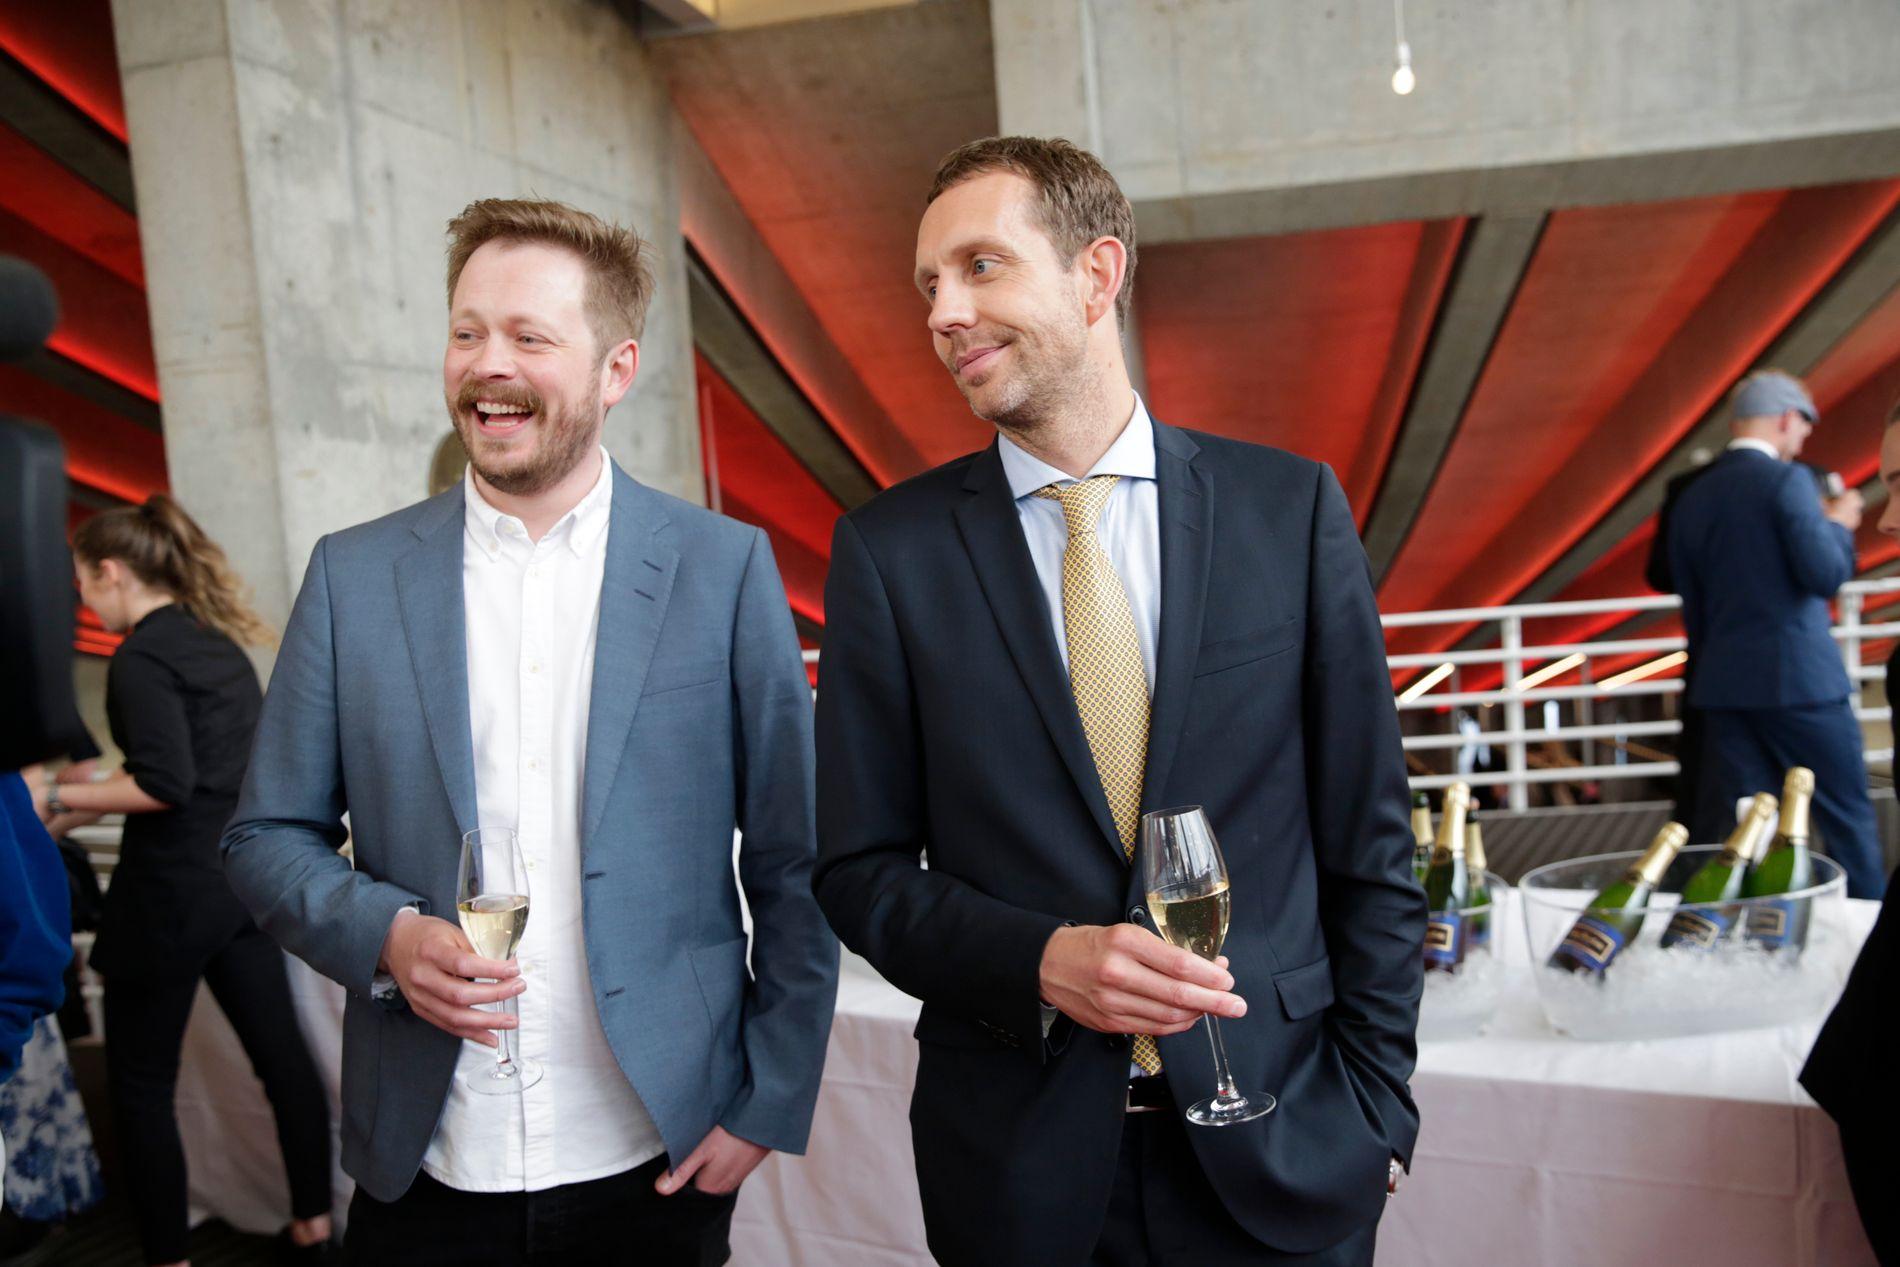 NOMINERT: - Hva skal egentlig til for å vinne en Gullrute? Vi var ikke nominert i fjor, men vi er det i år. For det samme programmet, sier komiker Morten Ramm. Her sammmen med kollega Einar Tørnquist.